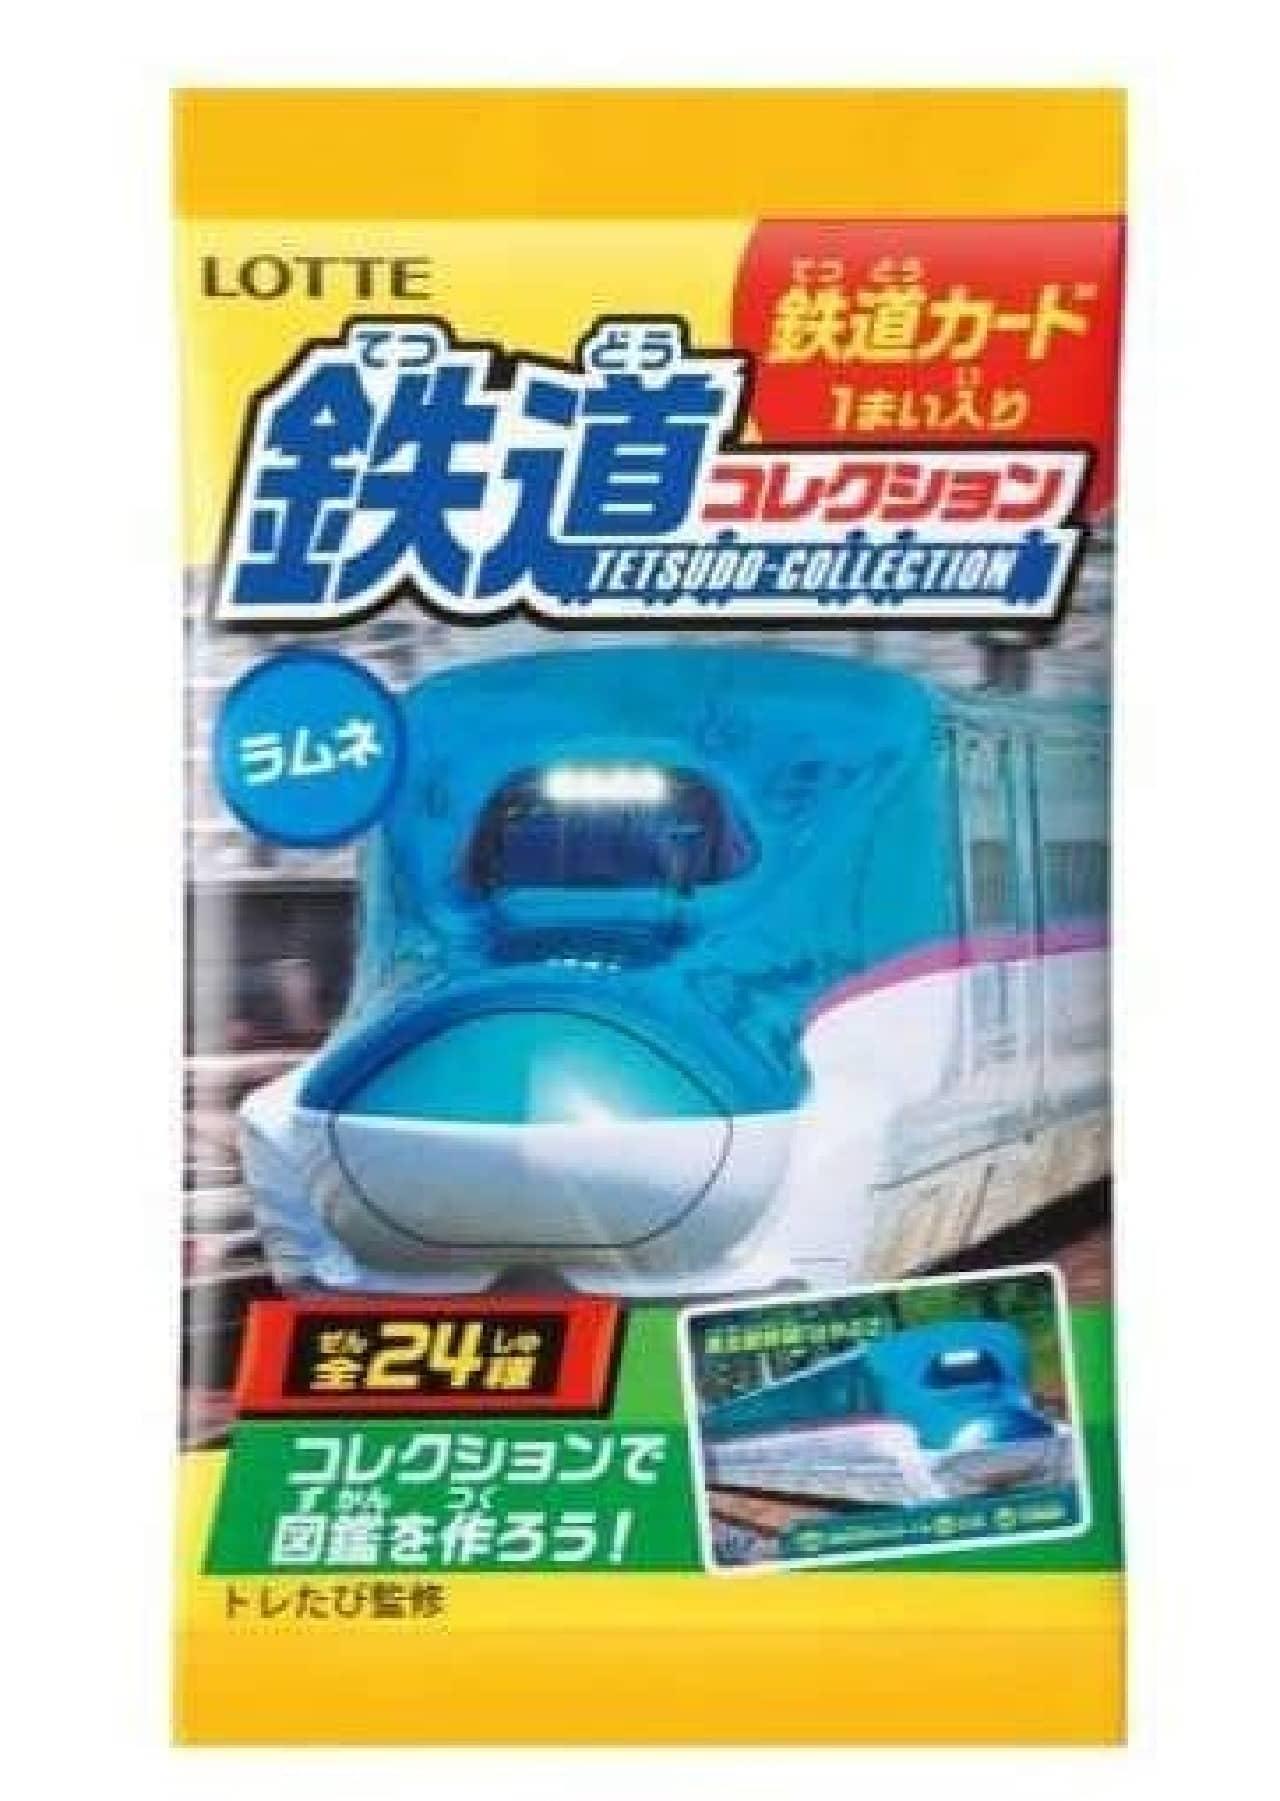 全24種類の鉄道フォトカード入り「鉄道コレクションラムネ」新発売!